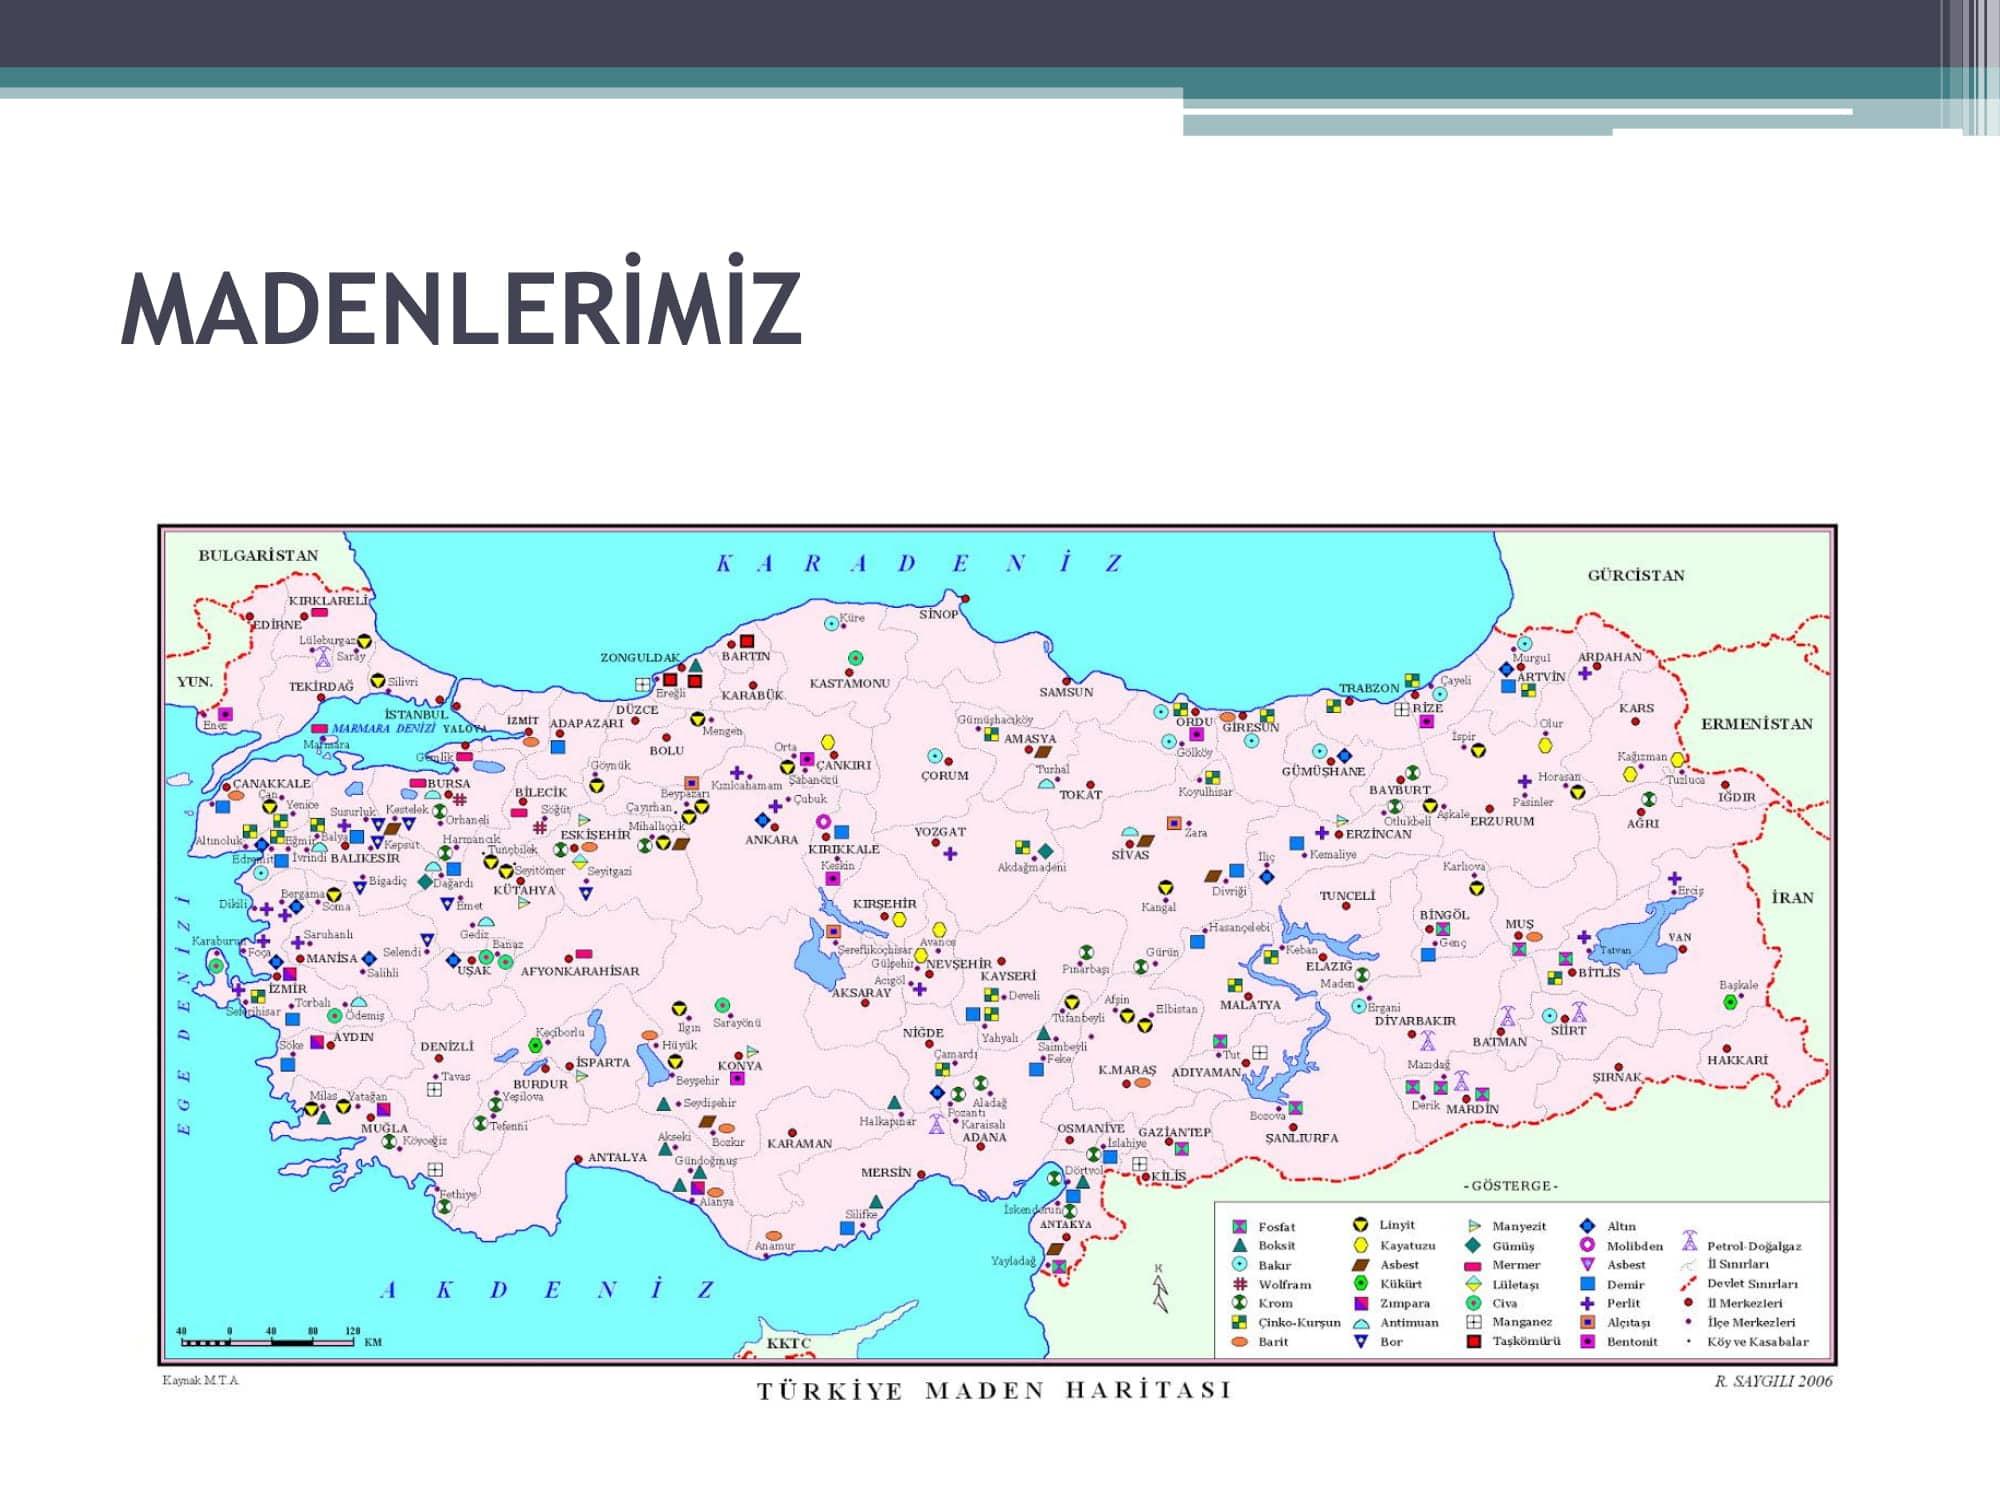 maden haritası